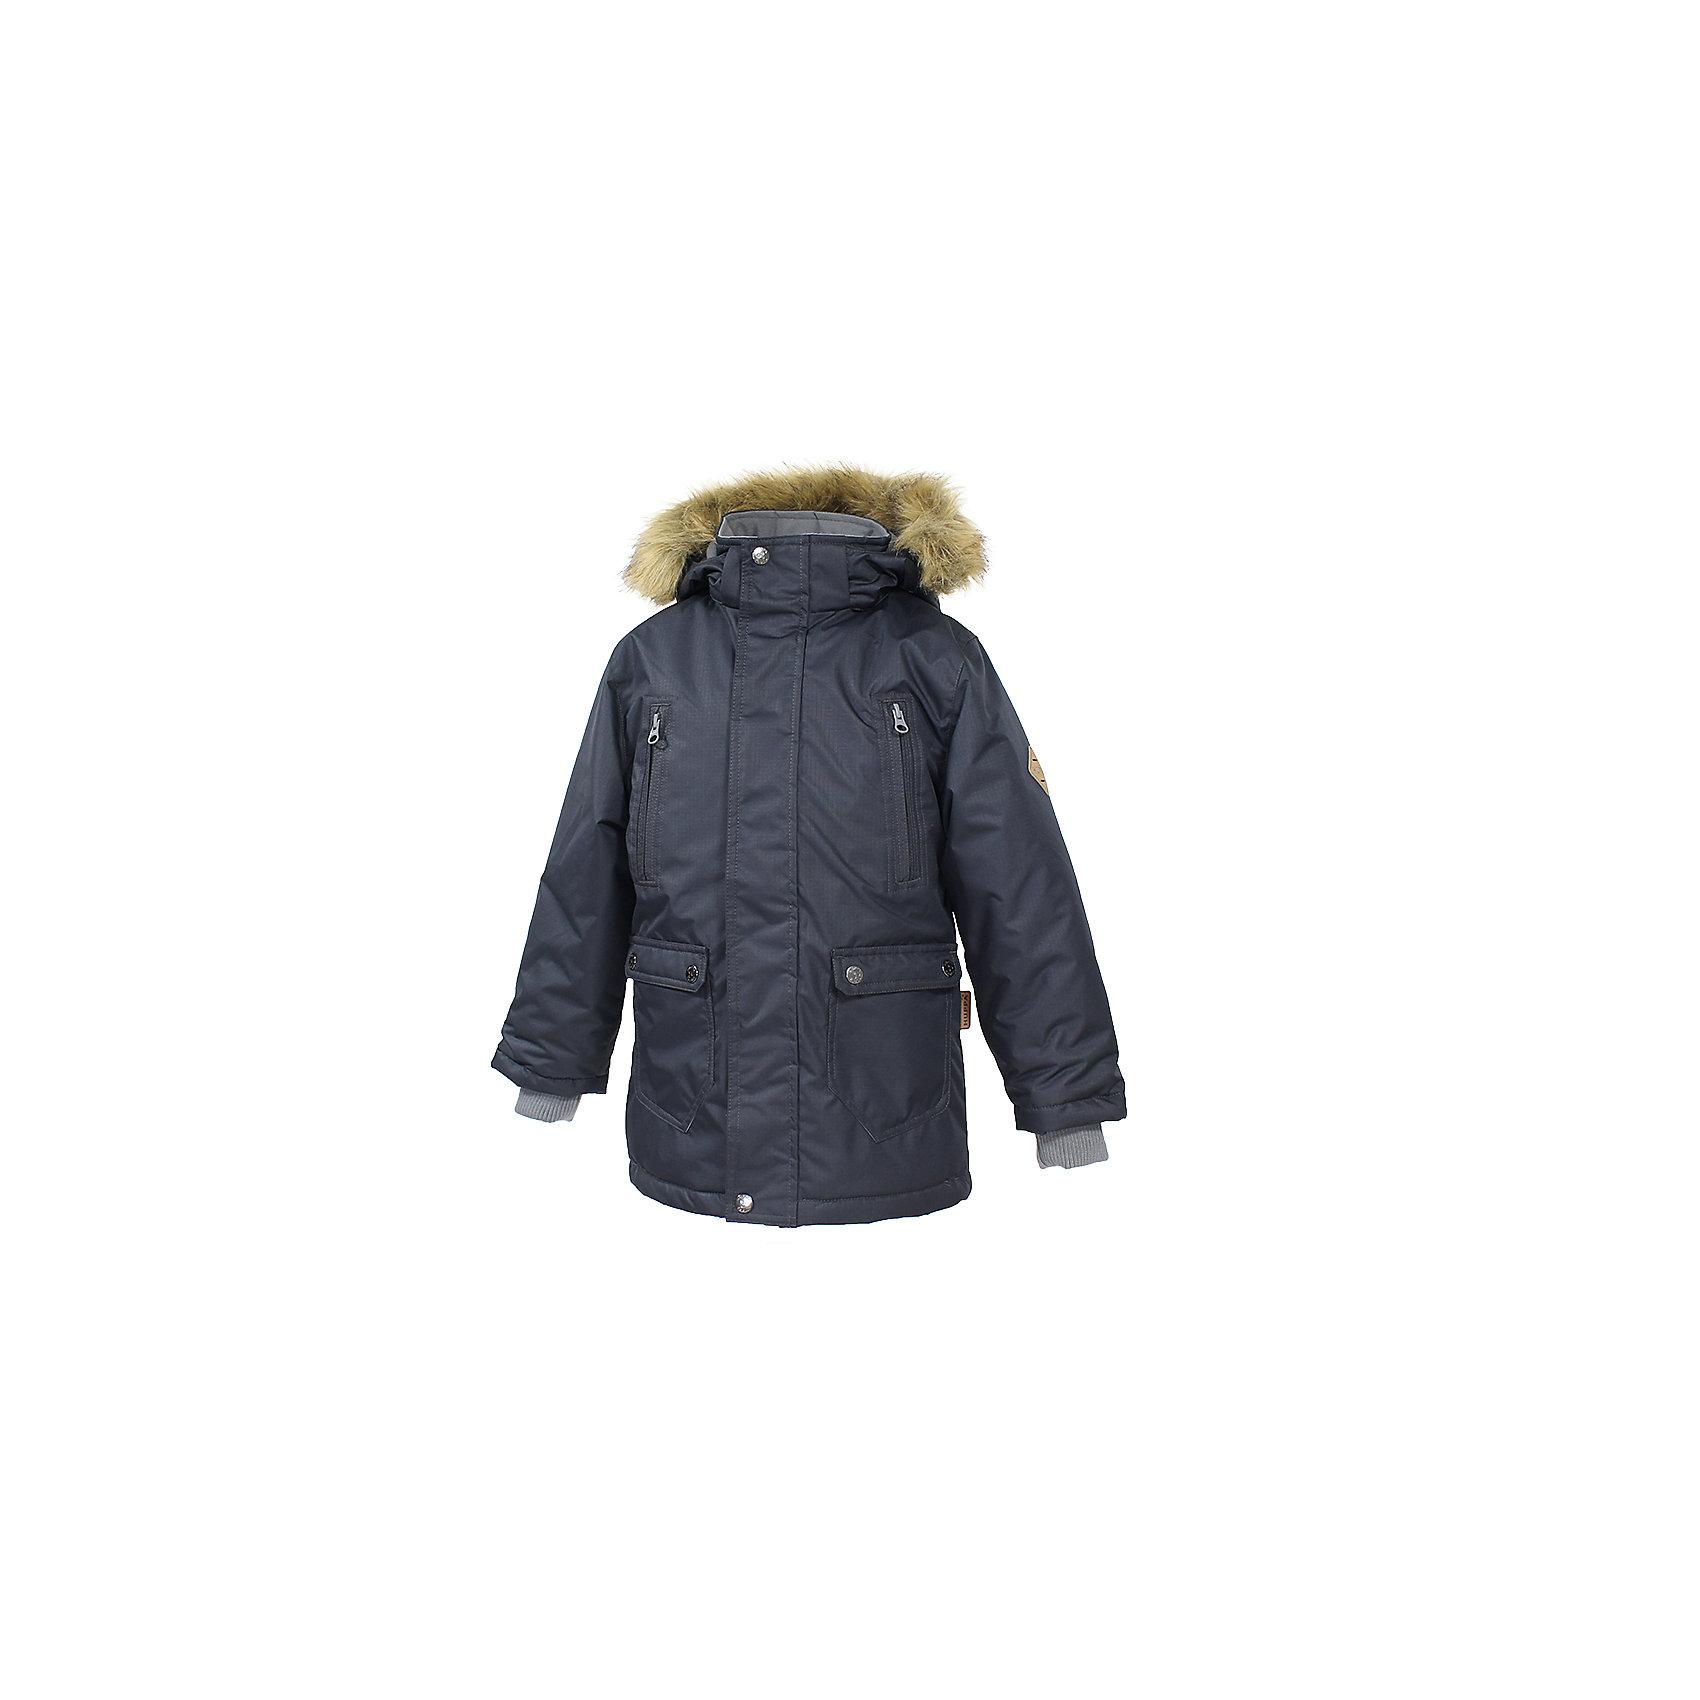 Куртка   для мальчика HuppaСтильная куртка-парка VESPER Huppa(Хуппа).<br><br>Утеплитель: 100% полиэстер, 300 гр.<br><br>Температурный режим: до -30 градусов. Степень утепления – высокая. <br><br>* Температурный режим указан приблизительно — необходимо, прежде всего, ориентироваться на ощущения ребенка. Температурный режим работает в случае соблюдения правила многослойности – использования флисовой поддевы и термобелья.<br><br>Очень теплая и водонепроницаемая. Отличный выбор для долгих зимних прогулок!<br><br>Особенности:<br>-водоотталкивающая мембрана выводит лишнюю влагу<br>-утеплитель HuppaTherm прекрасно сохраняет объем, легко стирается и быстро высыхает <br>-проклеенные водостойкой лентой швы, обеспечат максимальную водонепроницаемость<br>-светоотражающие элементы уменьшают вероятность несчастных случаев в темное время суток<br>-капюшон с отстегивающимся мехом<br><br>Дополнительная информация:<br>Материал: 100% полиэстер<br>Подкладка: тафта, pritex - 100% полиэстер<br>Цвет: черный<br><br>Куртку VESPER Huppa(Хуппа) вы можете купить в нашем интернет-магазине.<br><br>Ширина мм: 356<br>Глубина мм: 10<br>Высота мм: 245<br>Вес г: 519<br>Цвет: серый<br>Возраст от месяцев: 36<br>Возраст до месяцев: 48<br>Пол: Мужской<br>Возраст: Детский<br>Размер: 158,104,140,146,152,110,164,116,128,170,122,134<br>SKU: 4928215